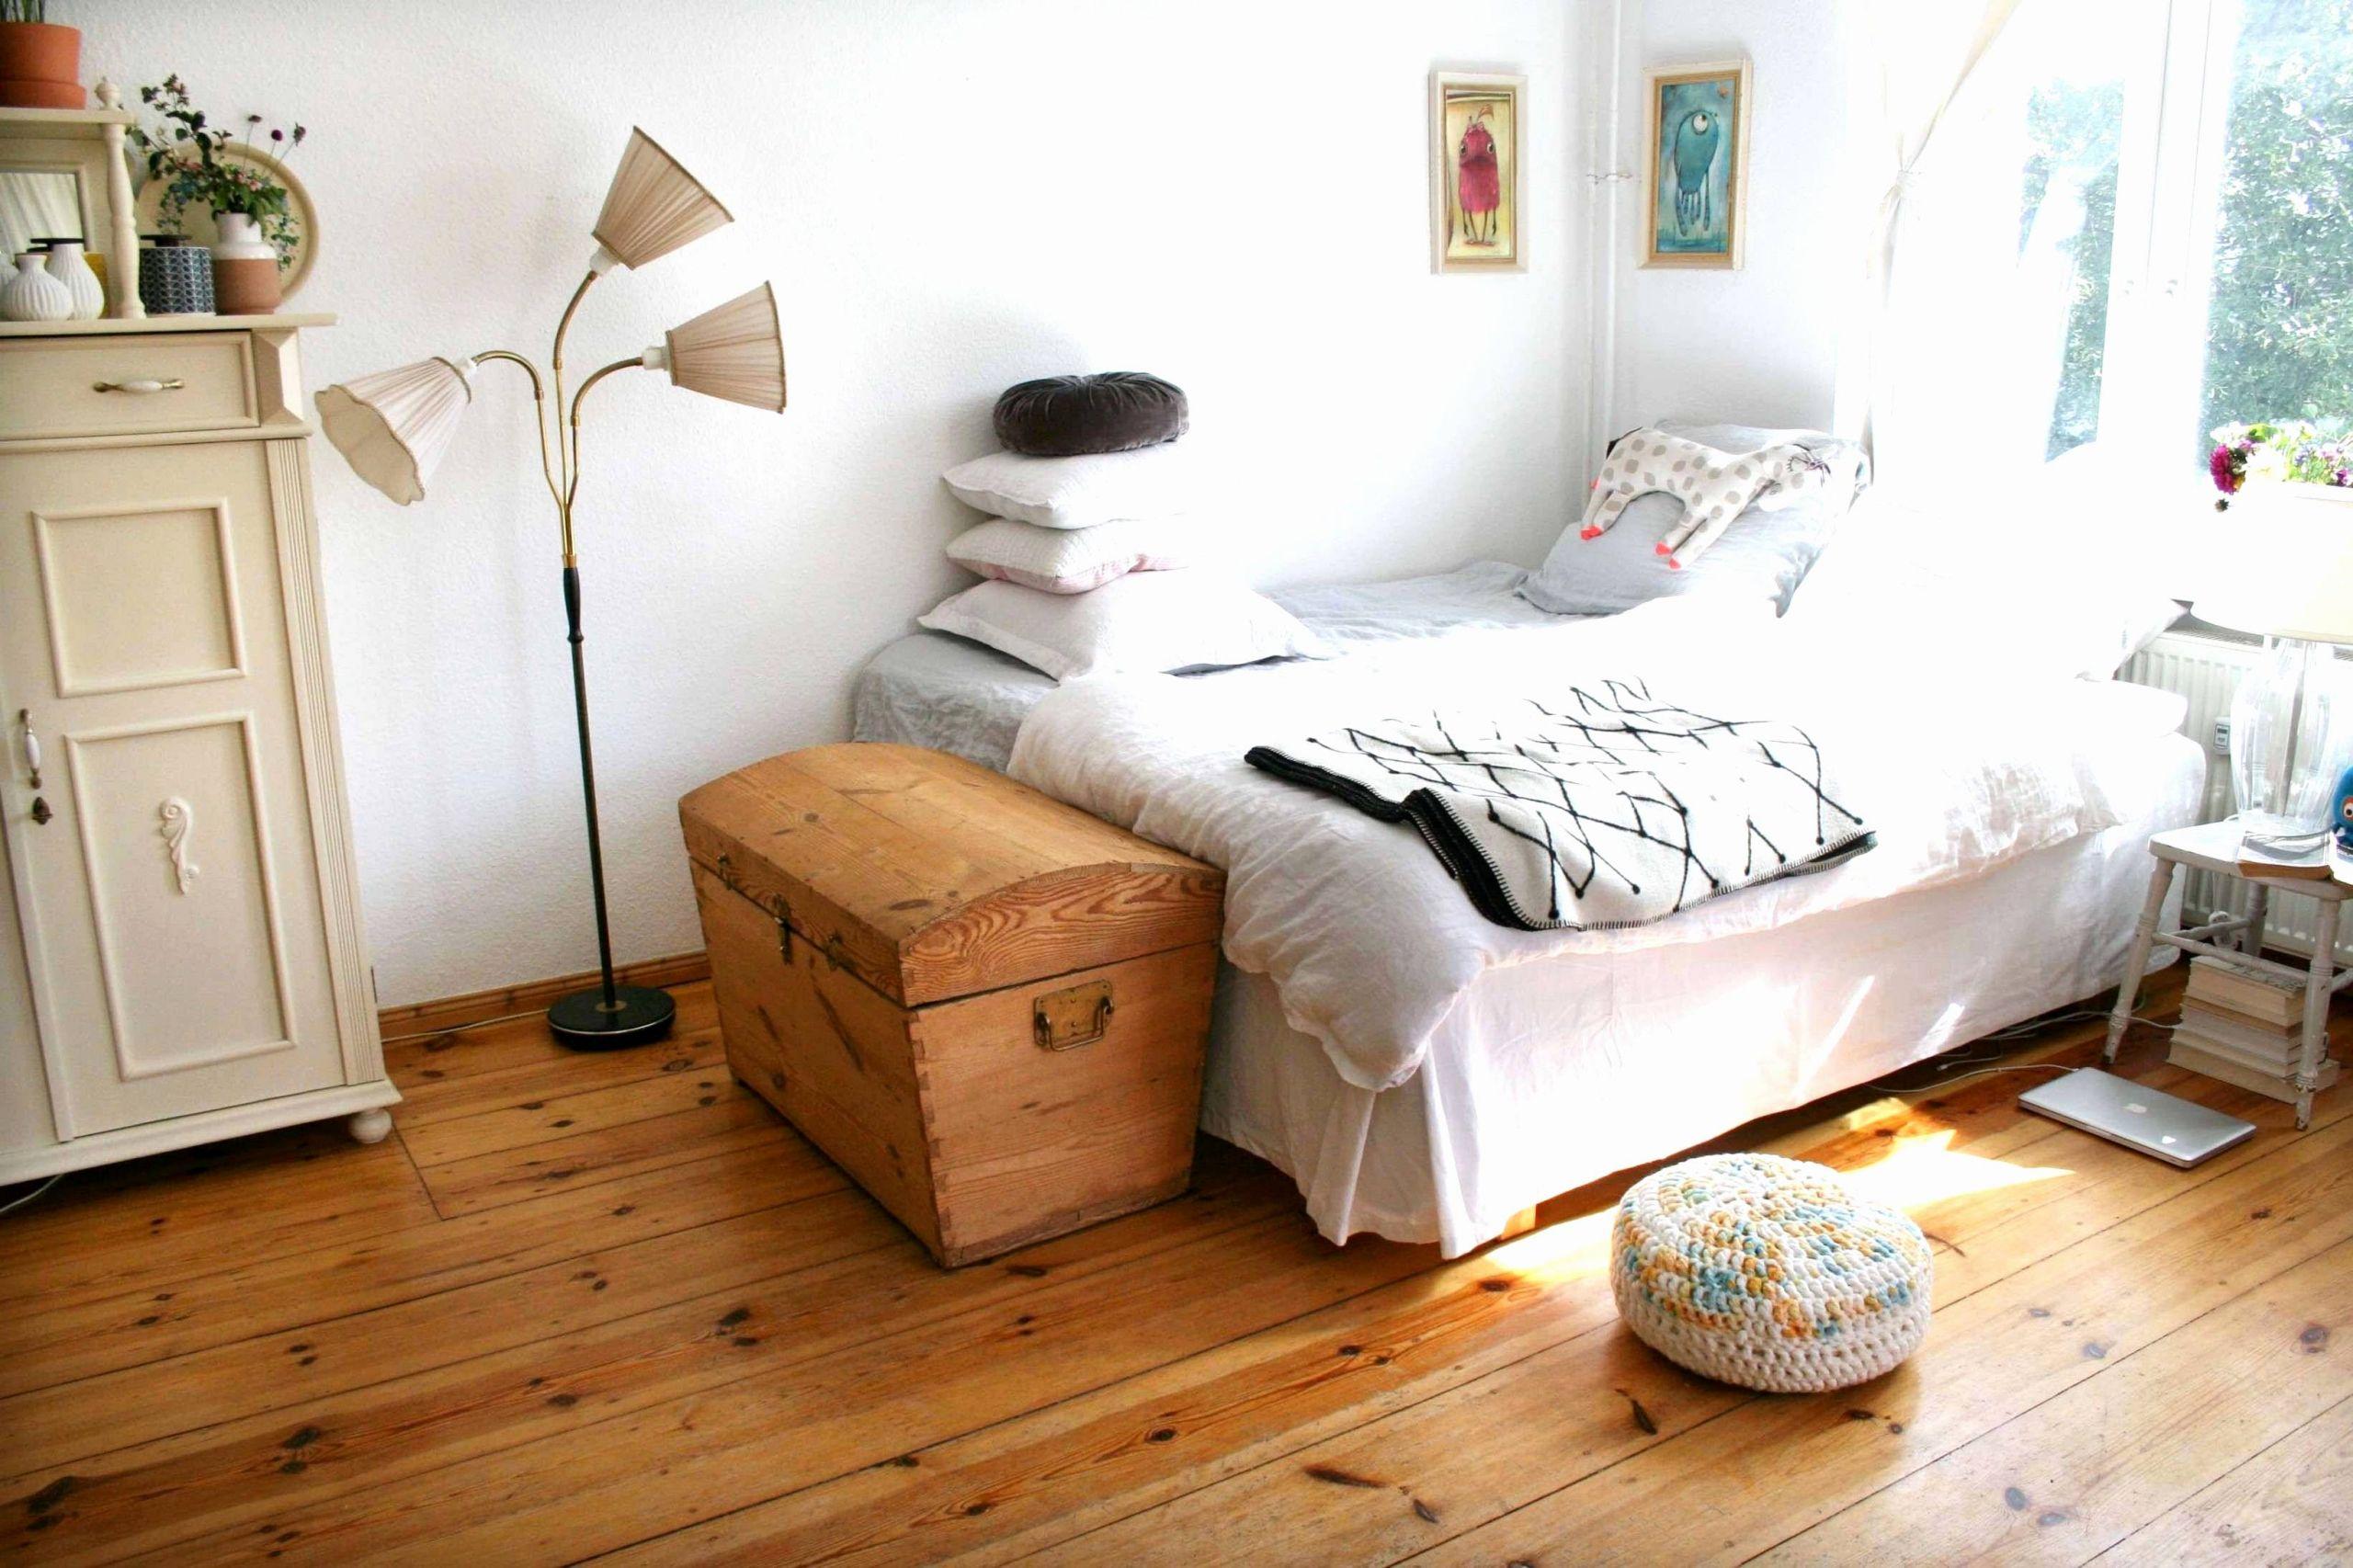 deko fur wohnzimmer ideen inspirierend 70 inspirierend stock von dekoideen fur schlafzimmer of deko fur wohnzimmer ideen